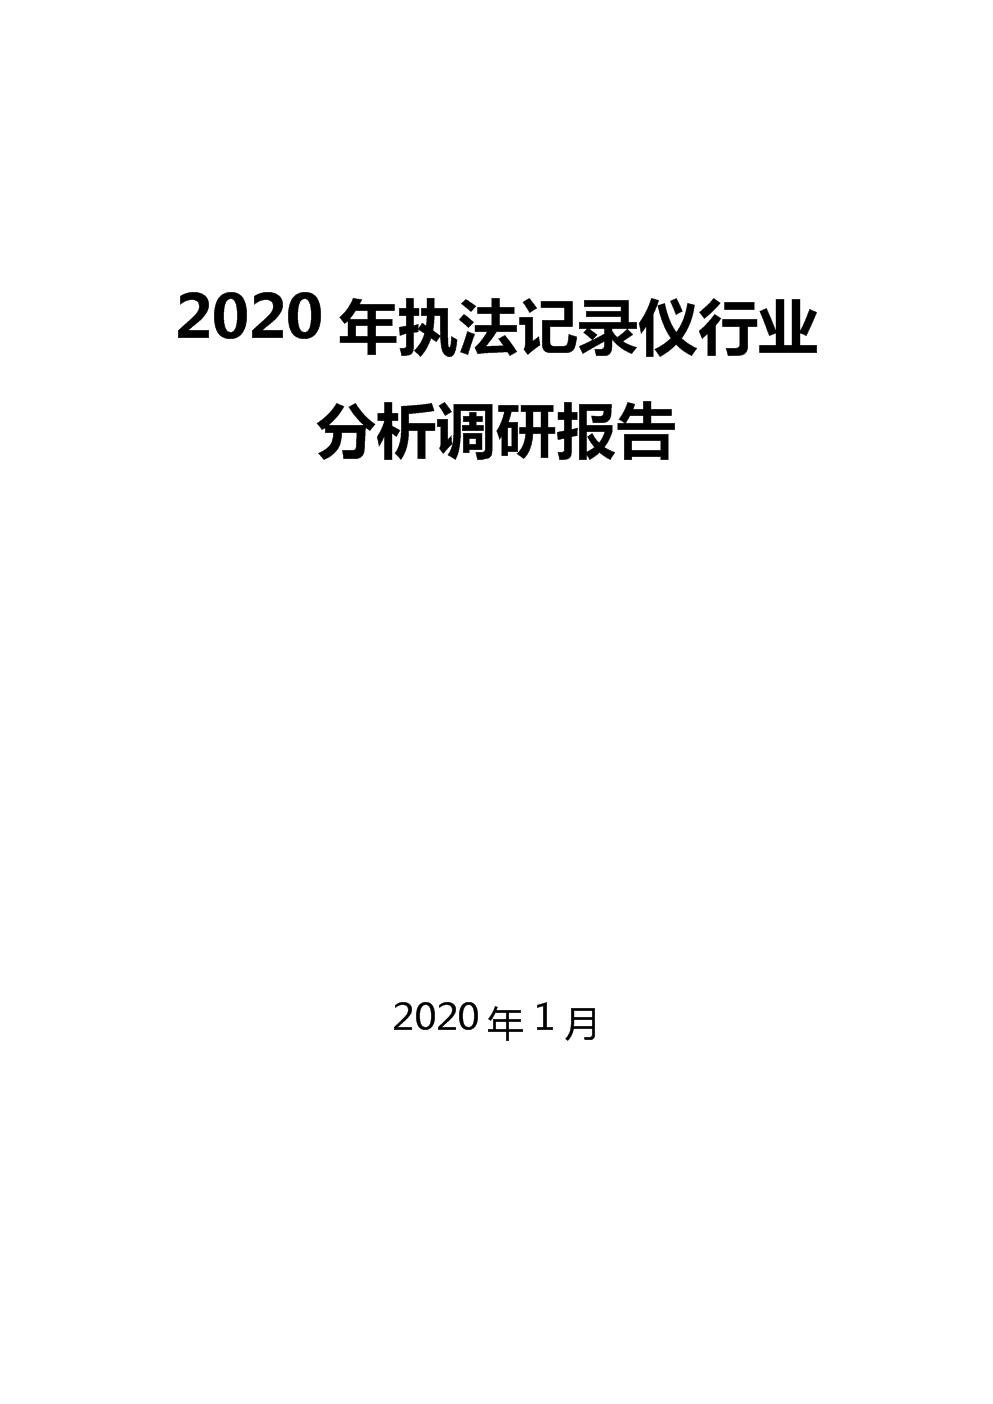 2020执法记录仪行业分析报告.docx